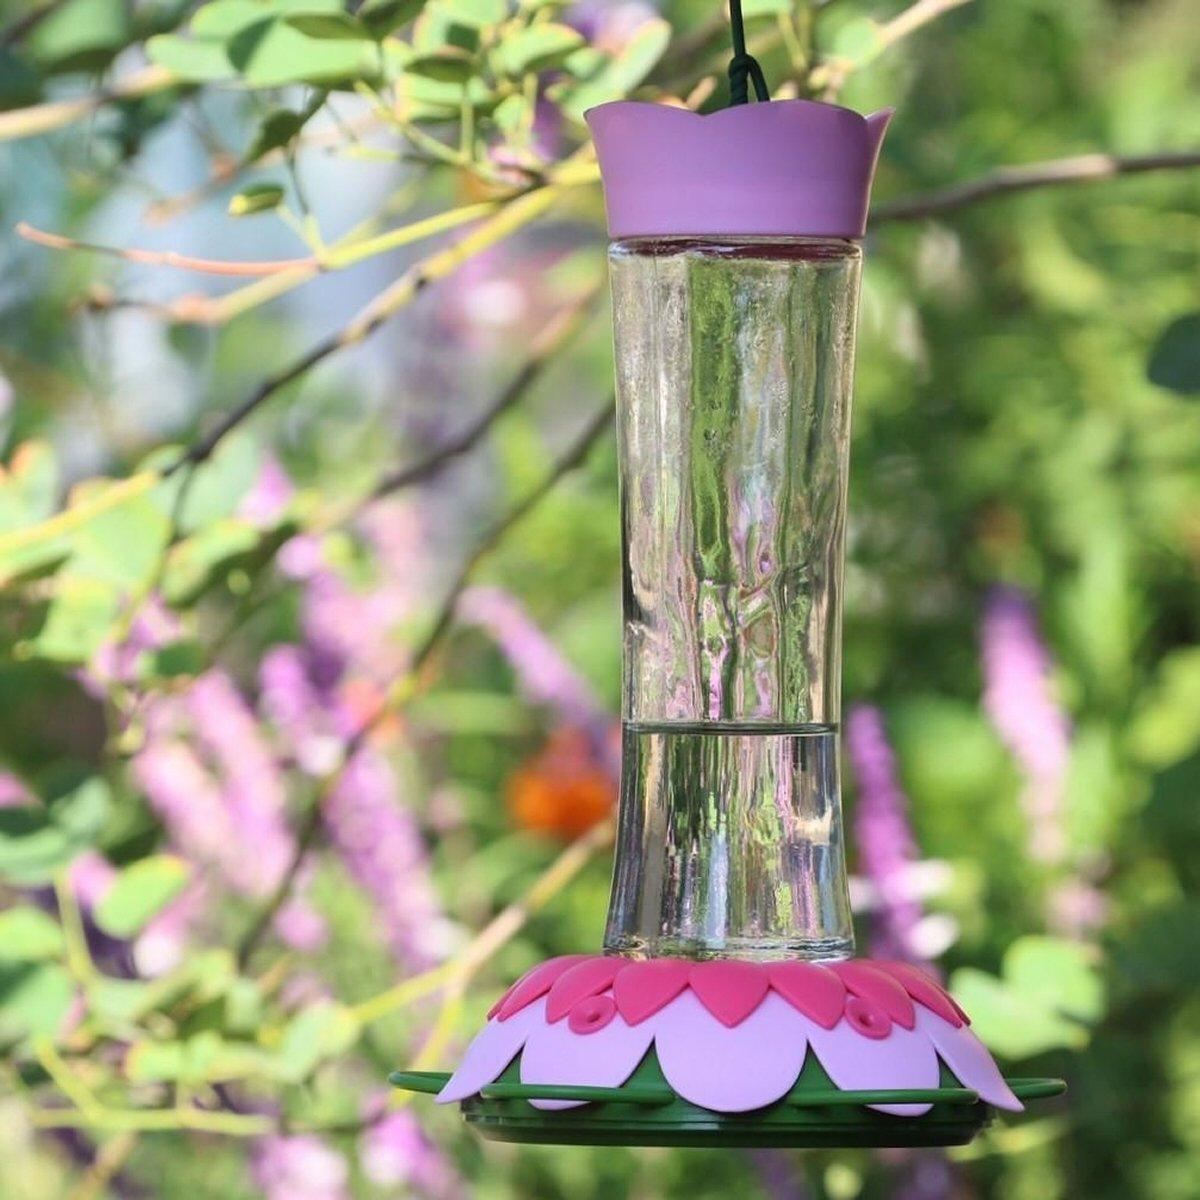 So Real Purple Hummingbird Feeder Humming bird feeders